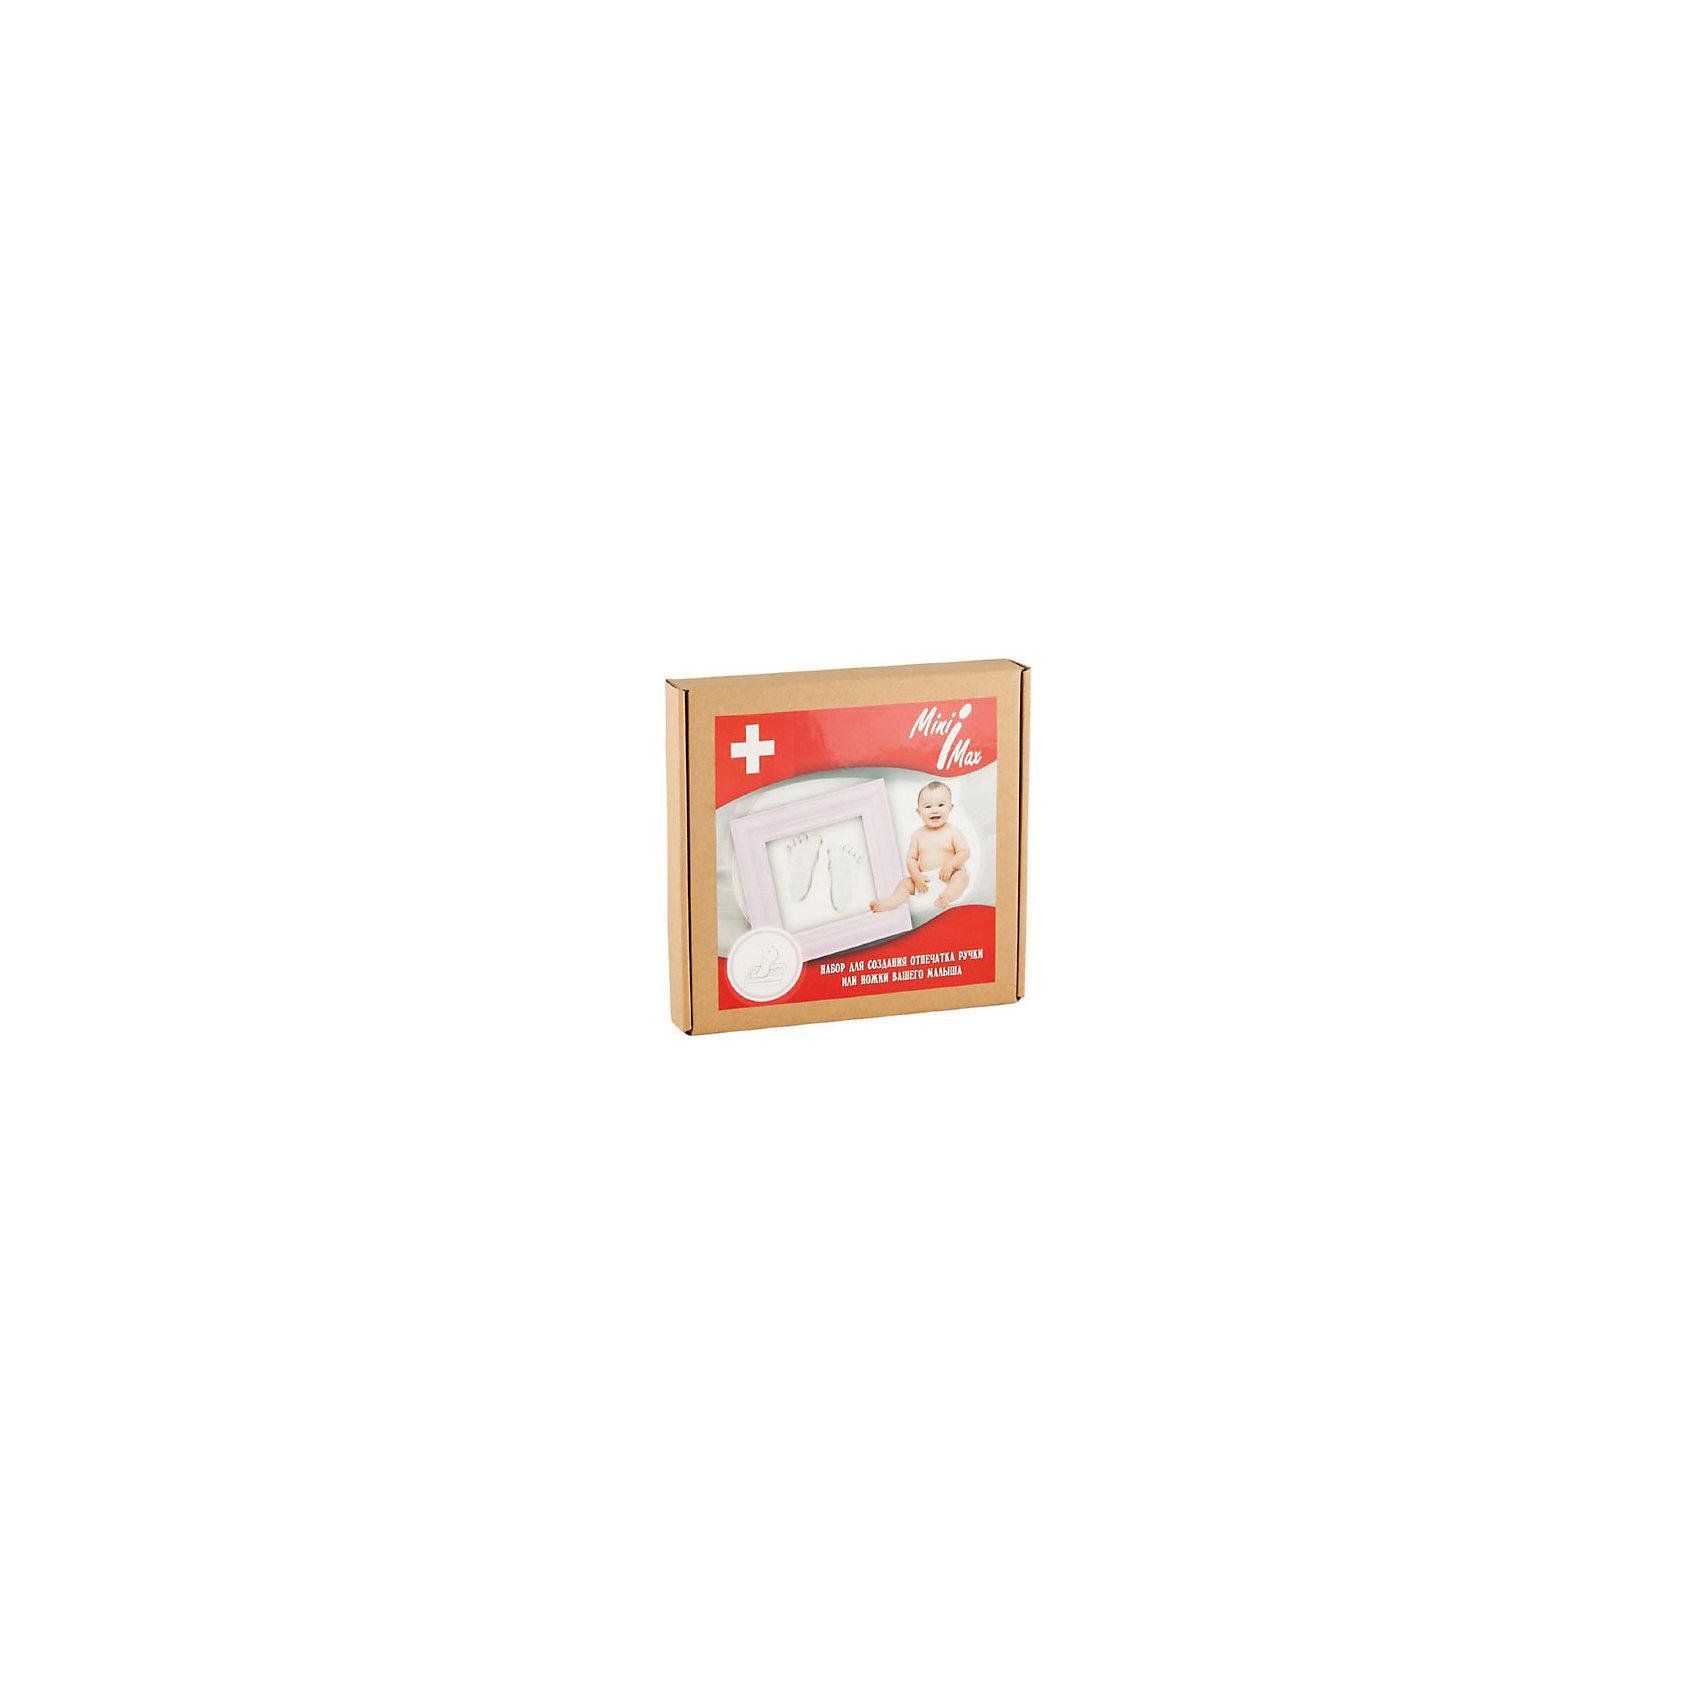 Набор для создания отпечатка ручки или ножки малыша в рамке, розовый, MiniMaxСделать слепок с крошечной ручки или ножки малыша и сохранить картину с оттиском в рамочке поможет набор MiniMax. Гипсовая основа безопасна для малыша, контакт с кожей малыша кратковременный. Чтобы создать слепок, необходимо размять гипсовую смесь в руках, заполнить пространство в рамке, сделать отпечаток ладошки или ступни крохи, дать гипсу высохнуть. <br><br>Дополнительная информация:<br><br>Размер рамки: 18х18х2 см<br><br>Комплектация набора для создания слепка:<br>• гипсовая смесь;<br>• деревянная рамка;<br>• инструкция.<br><br>Набор для создания отпечатка ручки или ножки малыша в рамке, розовый, MiniMax можно купить в нашем интернет-магазине.<br><br>Ширина мм: 300<br>Глубина мм: 100<br>Высота мм: 50<br>Вес г: 1200<br>Возраст от месяцев: 0<br>Возраст до месяцев: 36<br>Пол: Унисекс<br>Возраст: Детский<br>SKU: 5008338